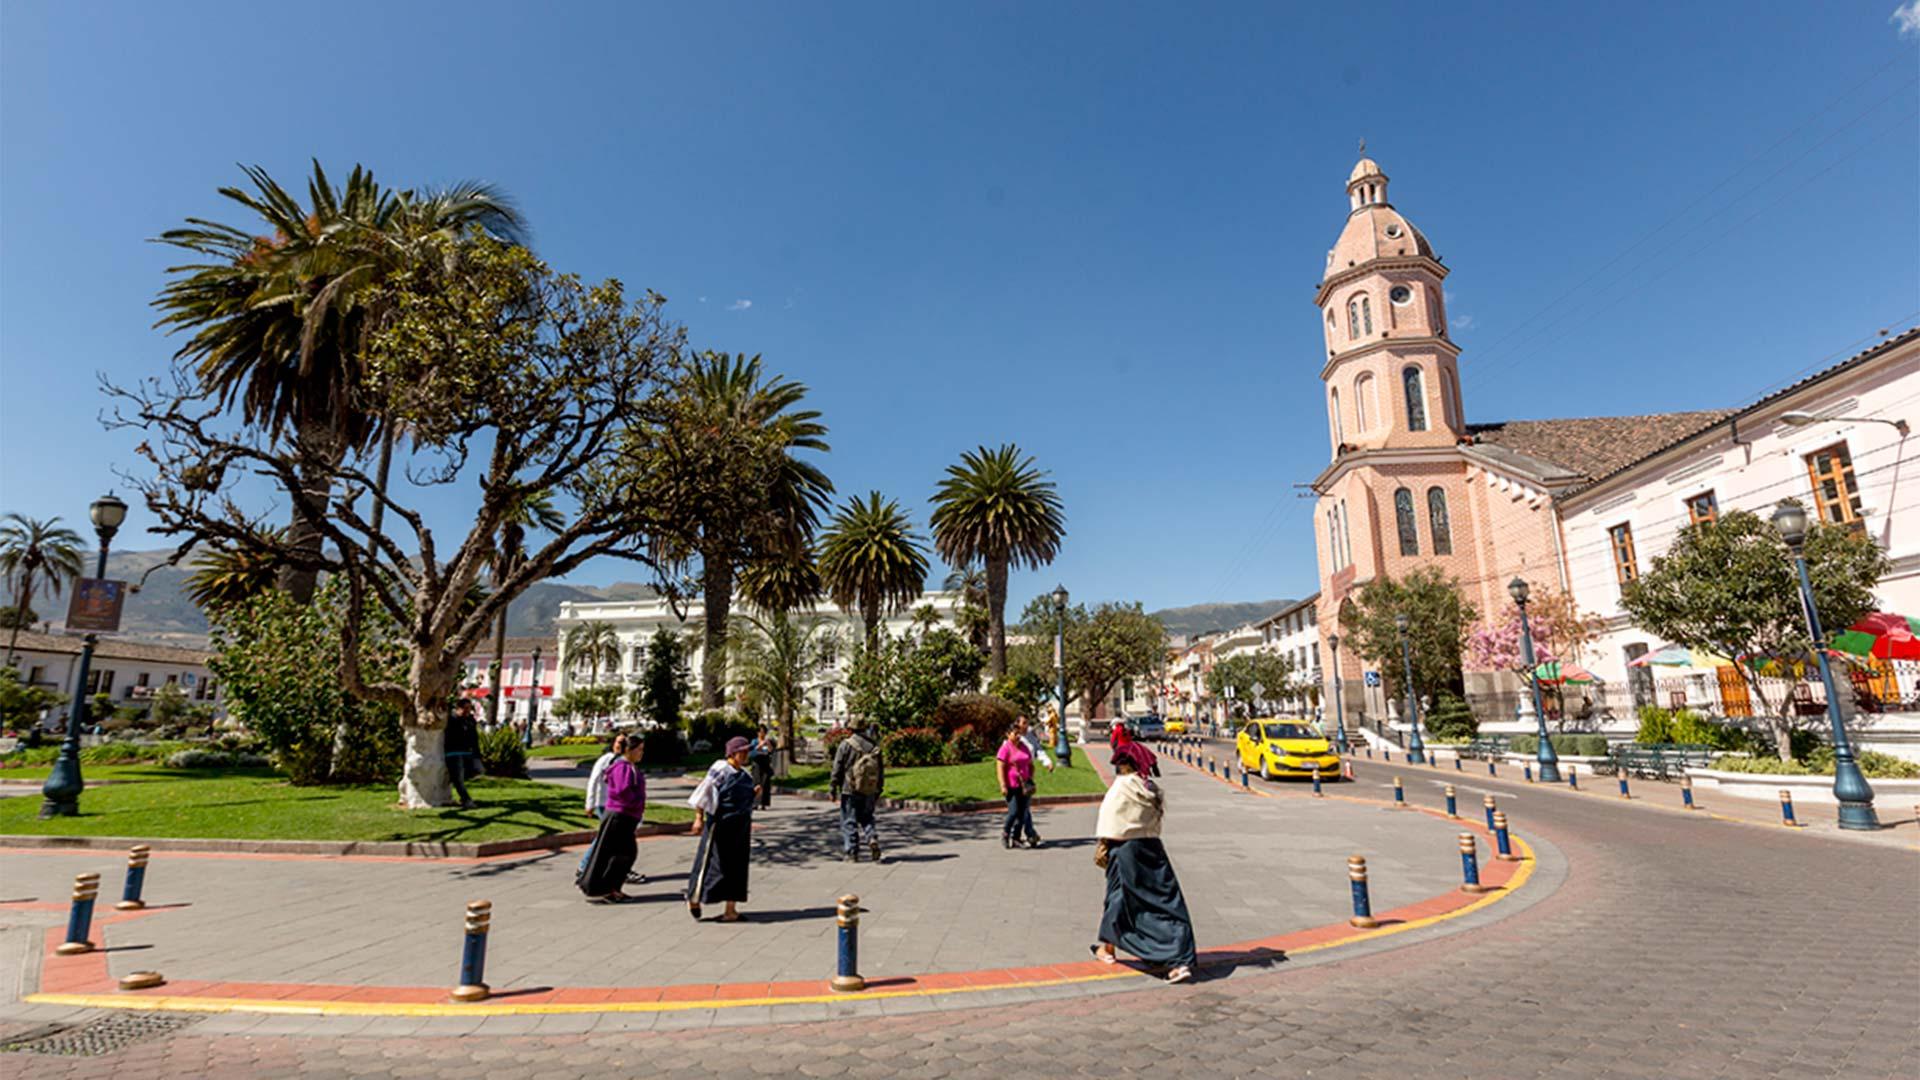 Autoridades del turismo buscan convertir a Otavalo en un destino seguro para turistas. Ecuador